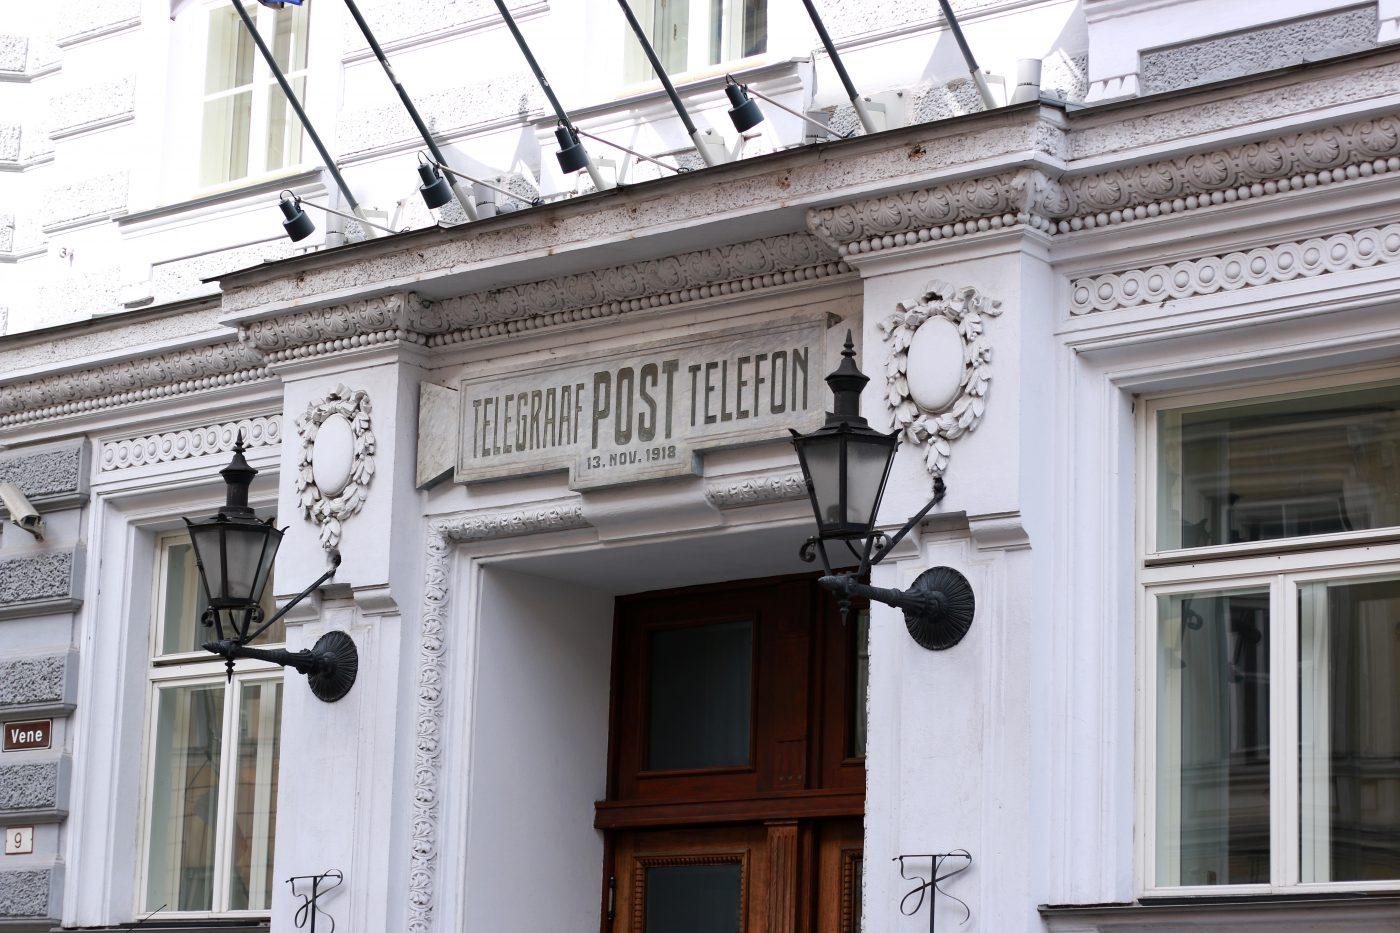 Estonia hotel Telegraff